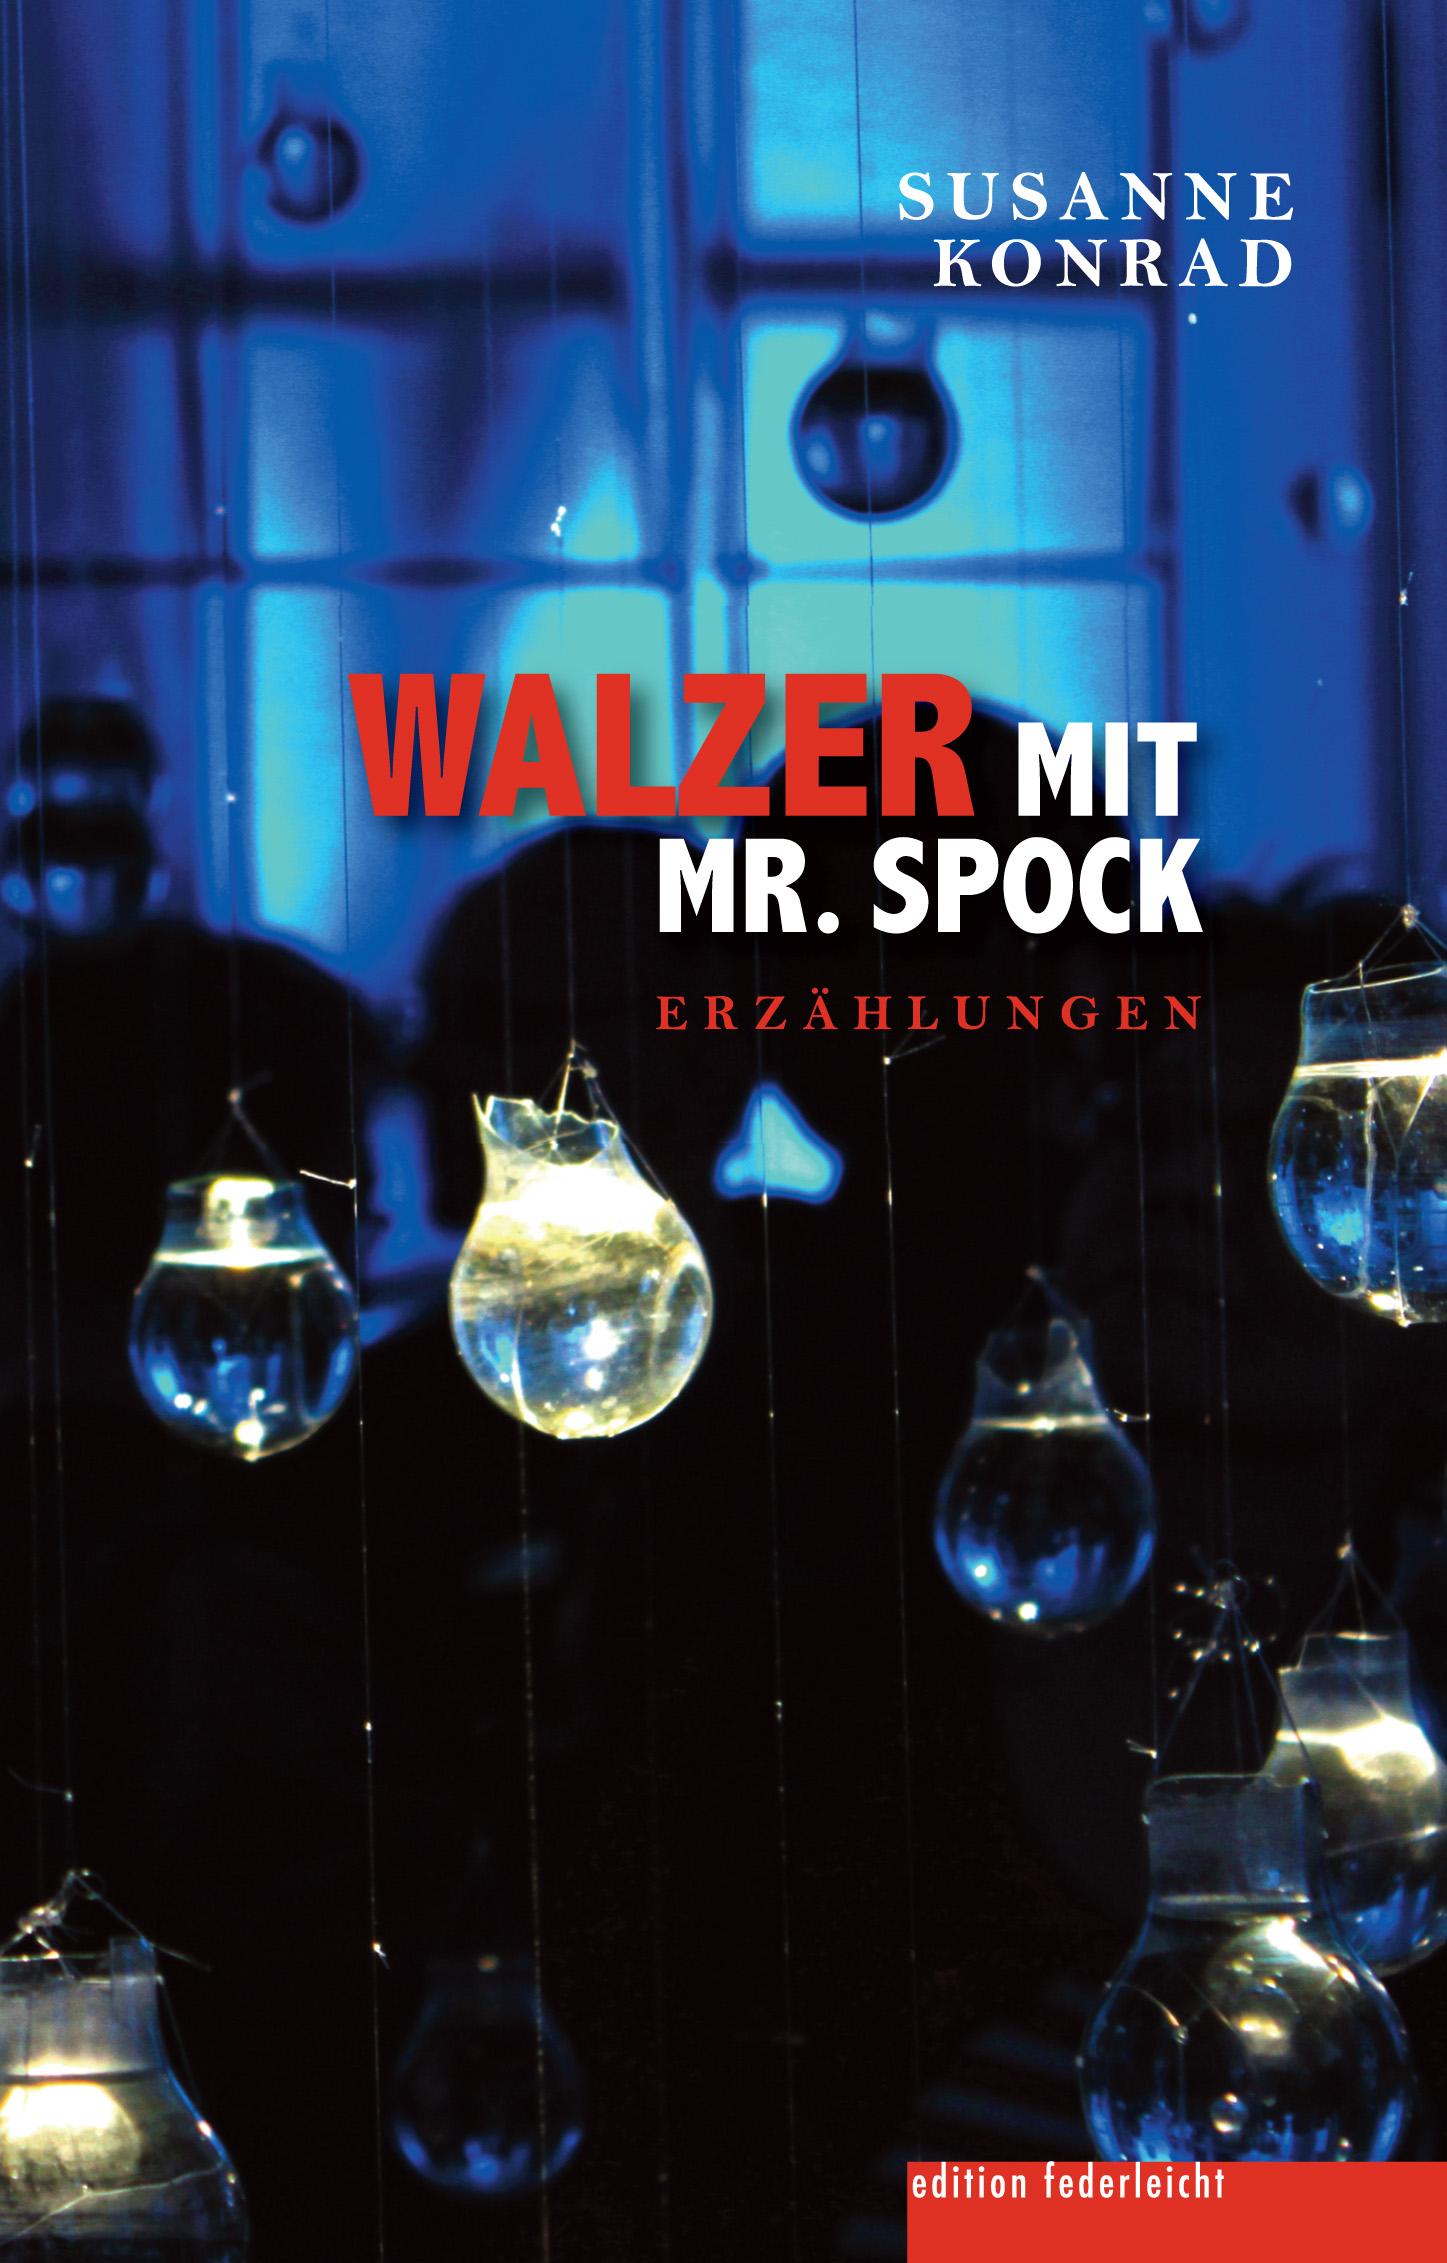 Premierenlesung: Susanne Konrad mit ihrem Erzählband Walzer mit Mr. Spock